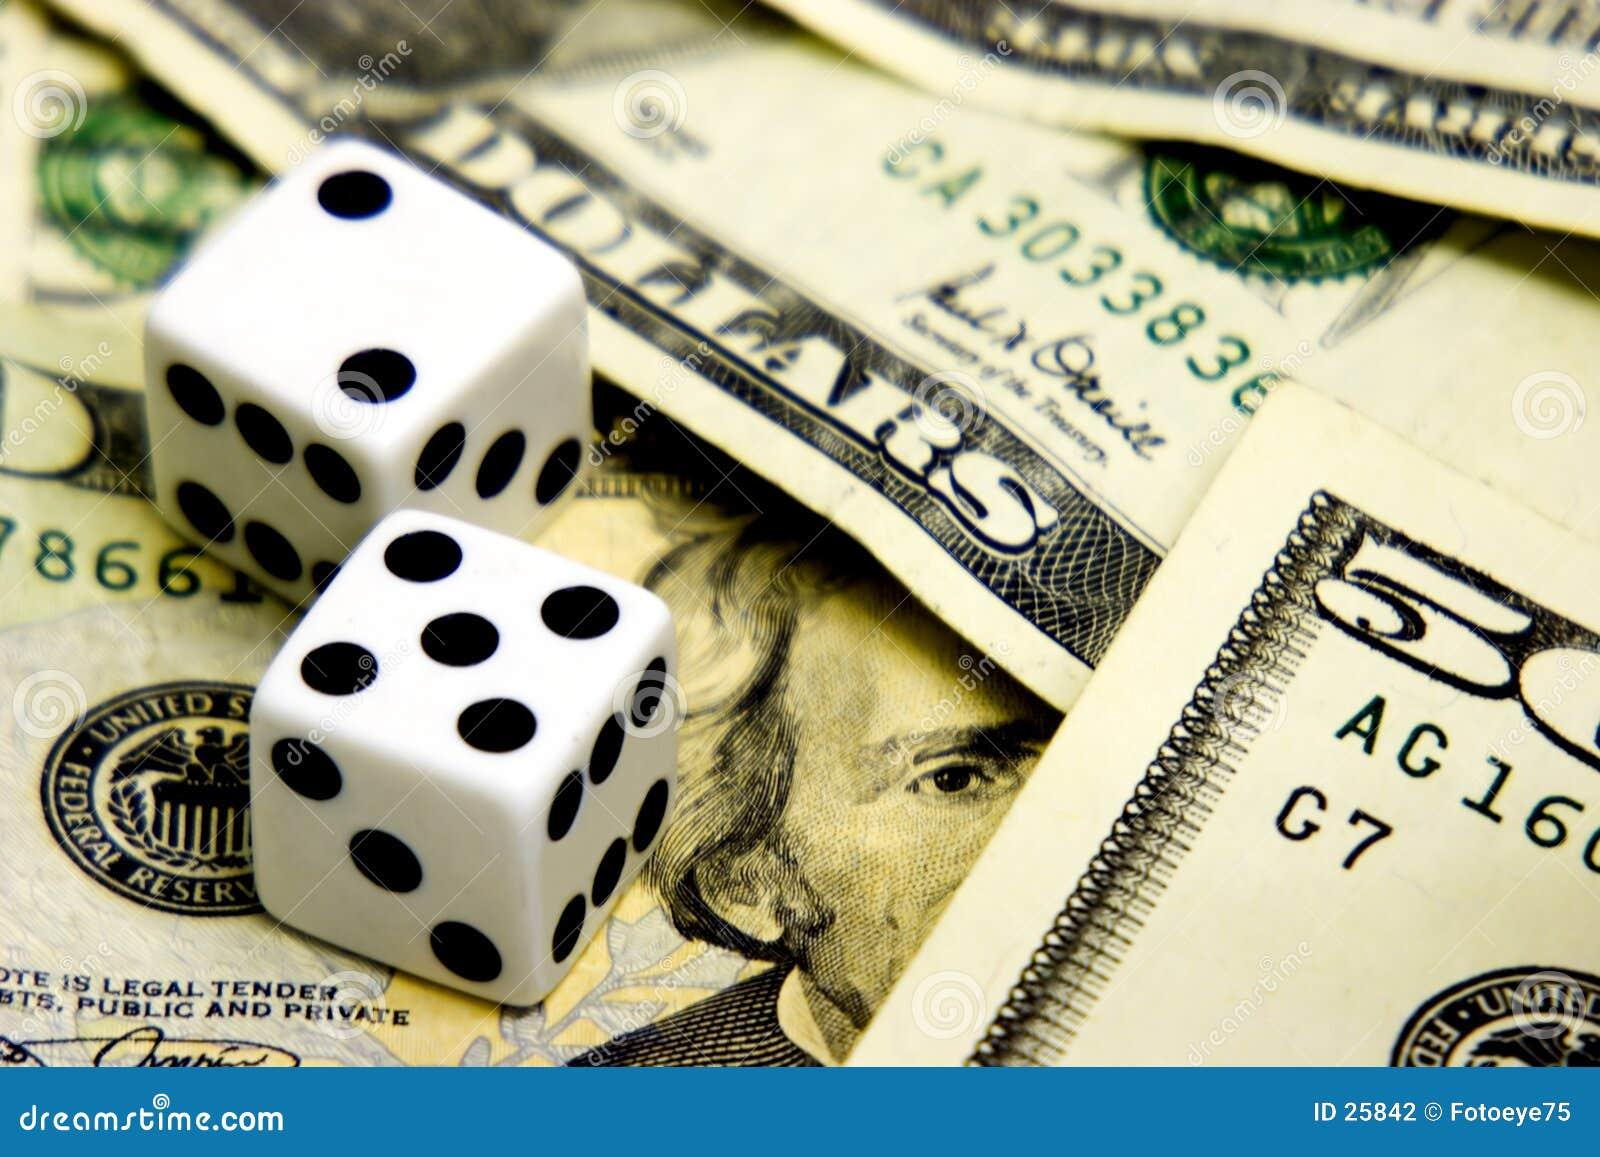 Download Auge auf dem Geld stockfoto. Bild von ernstlich, dividenden - 25842